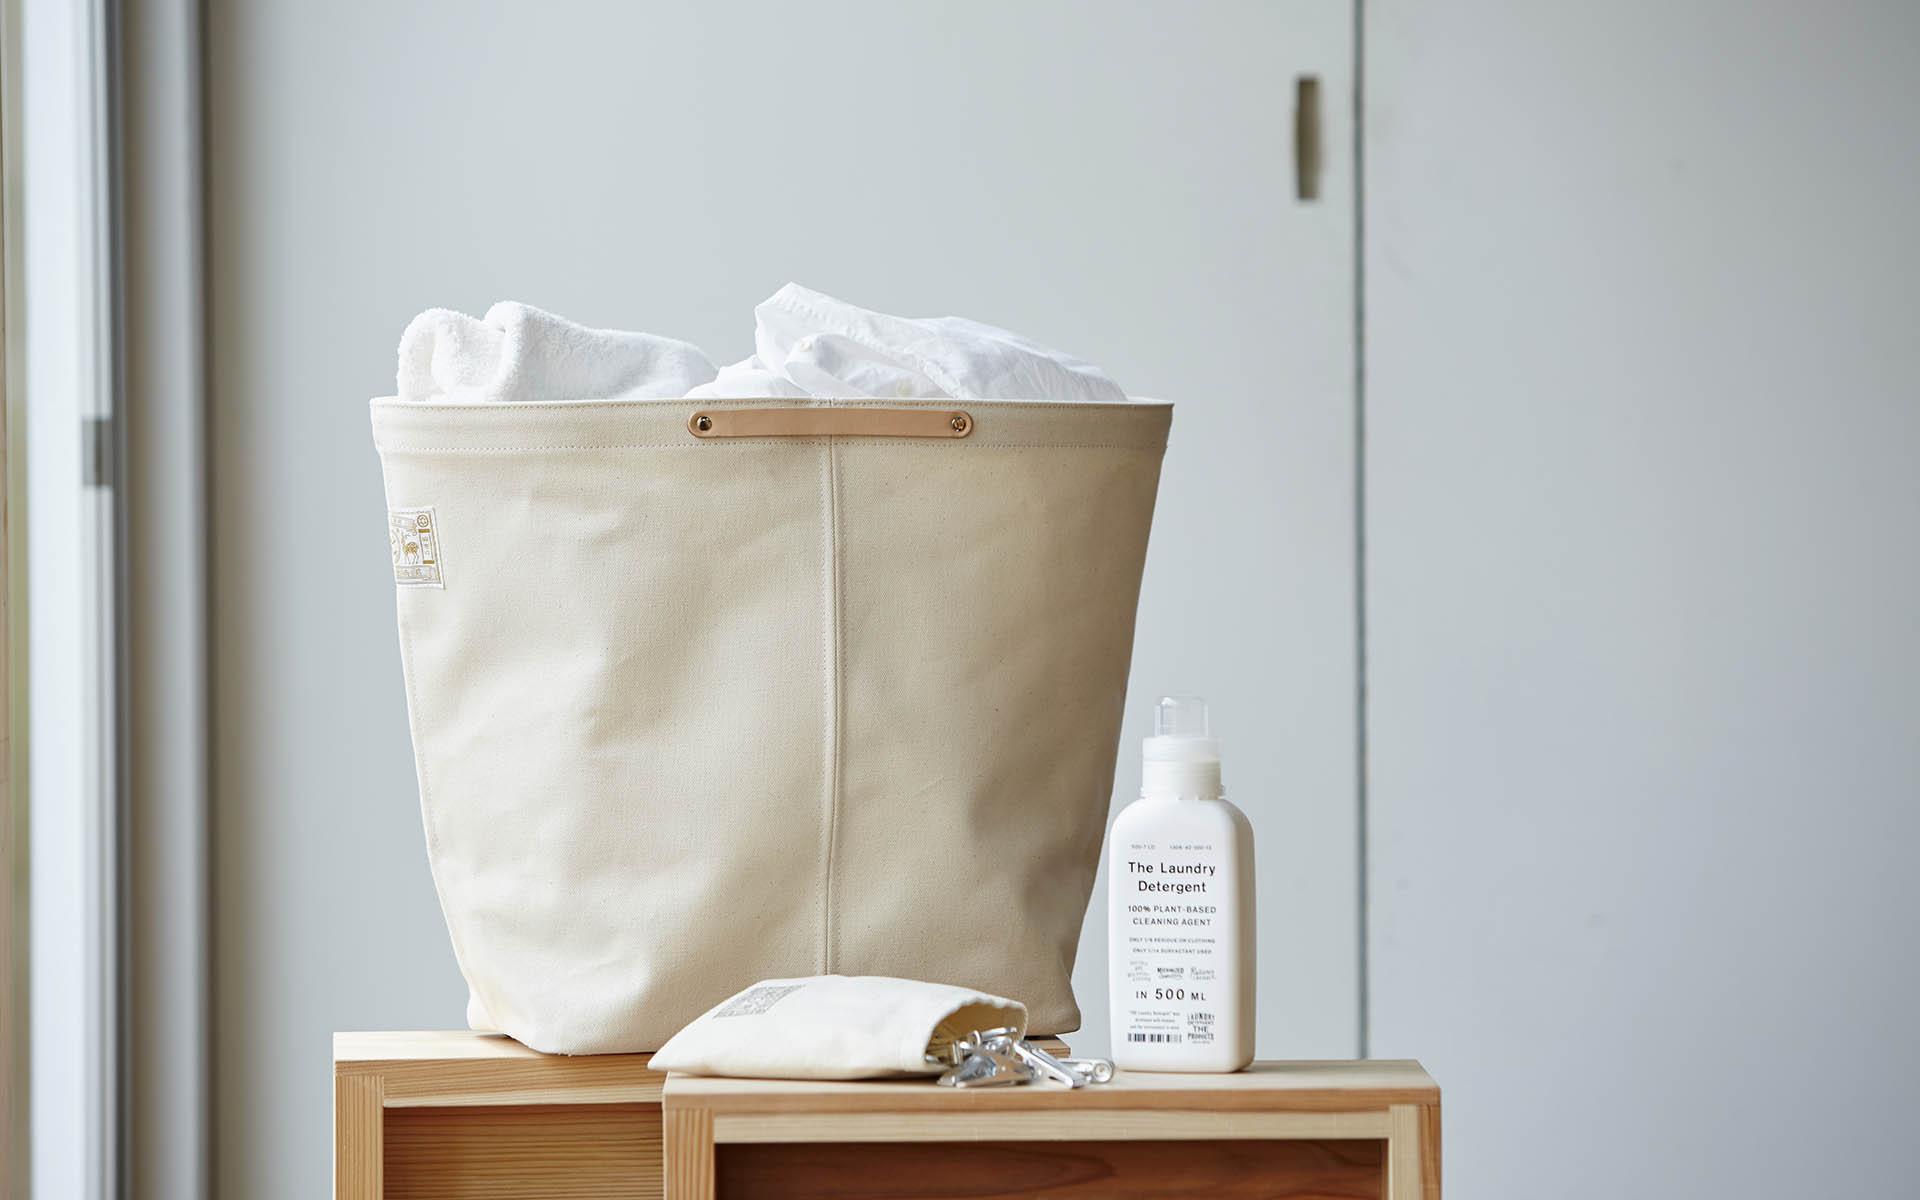 洗剤の新定番。「THE 洗濯洗剤」は自然にも衣類にも人にも優しい